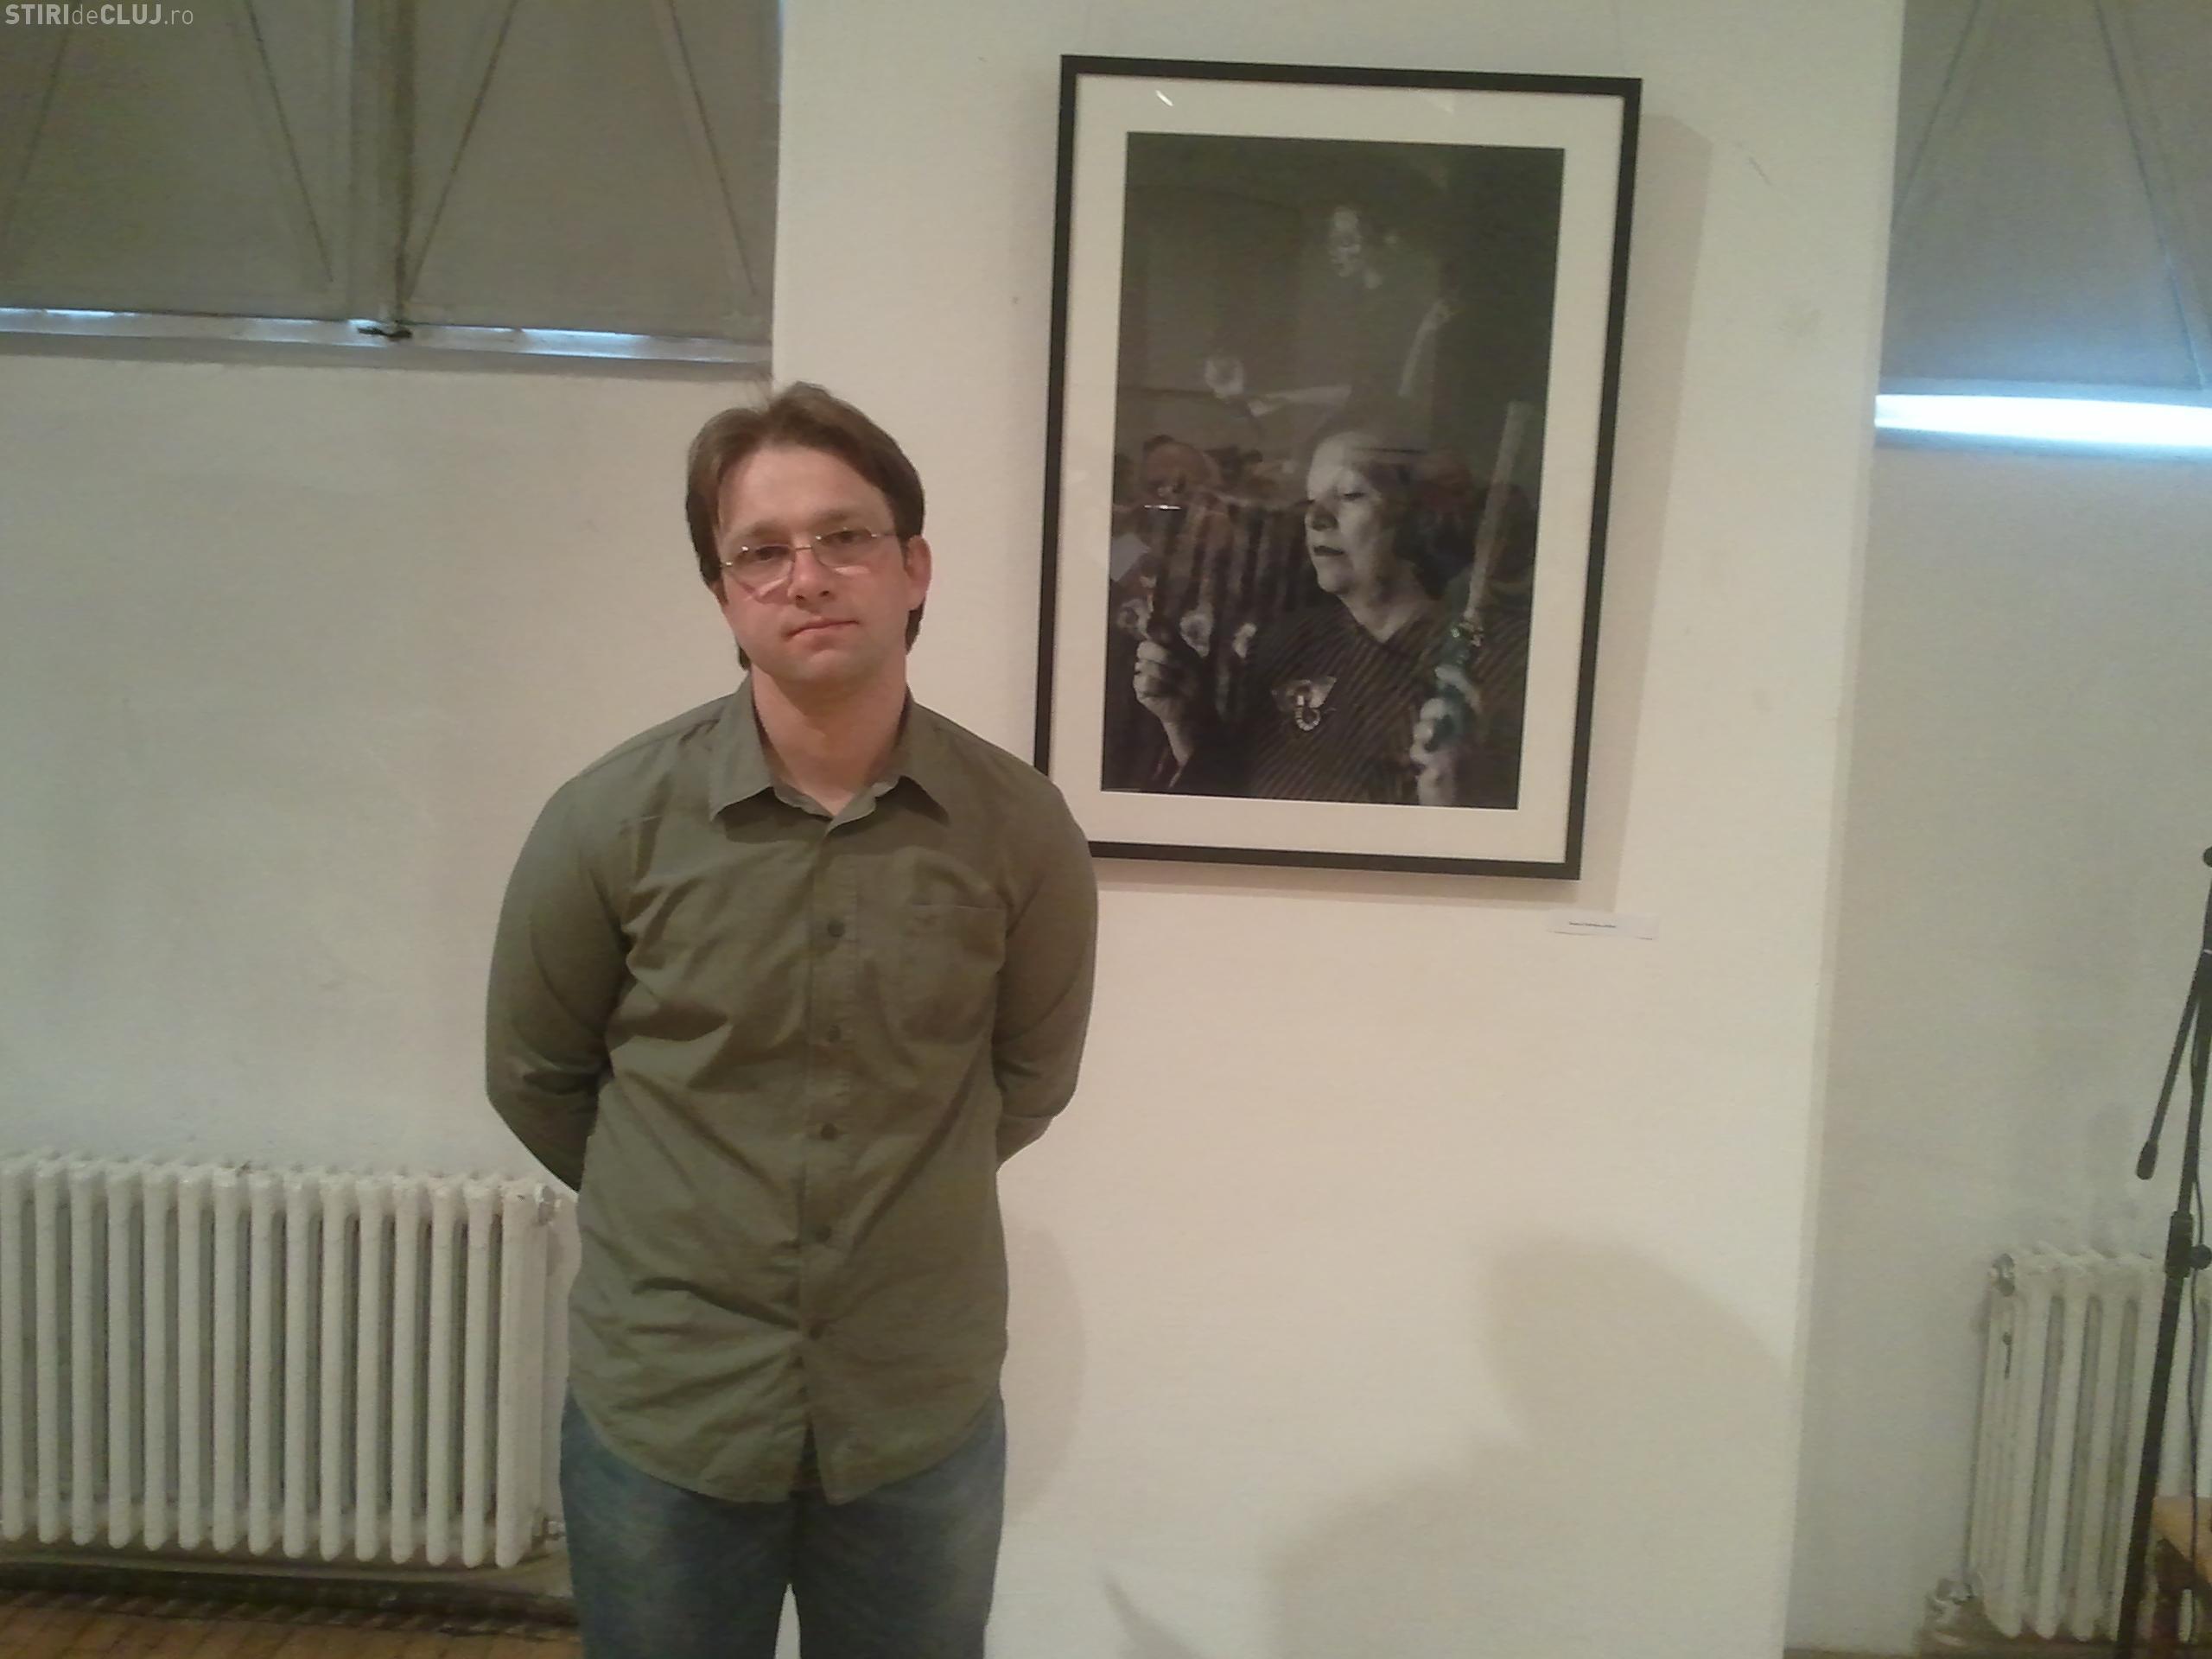 Raul Stef, fotograful ce lucreaza pentru cele mai mari publicatii din lume a expus Muzeul de Arta Cluj-Napoca FOTO